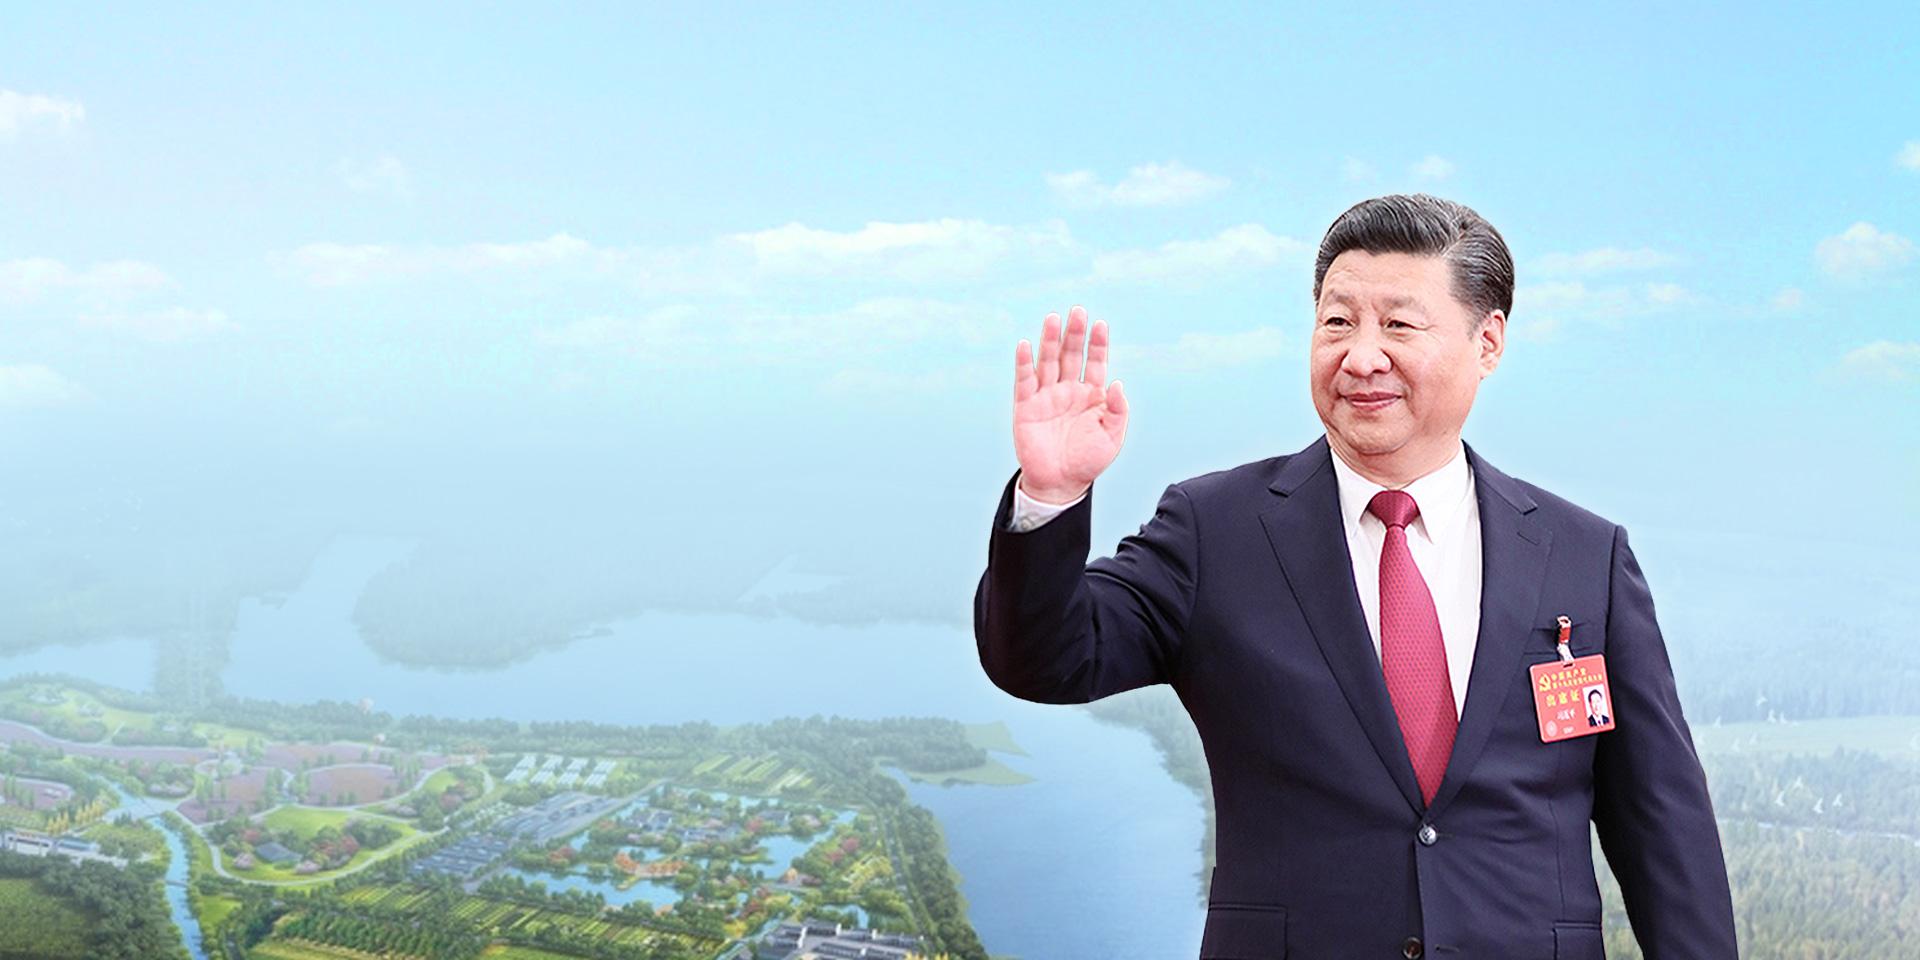 信息化为中华民族带来了千载难逢的机遇。